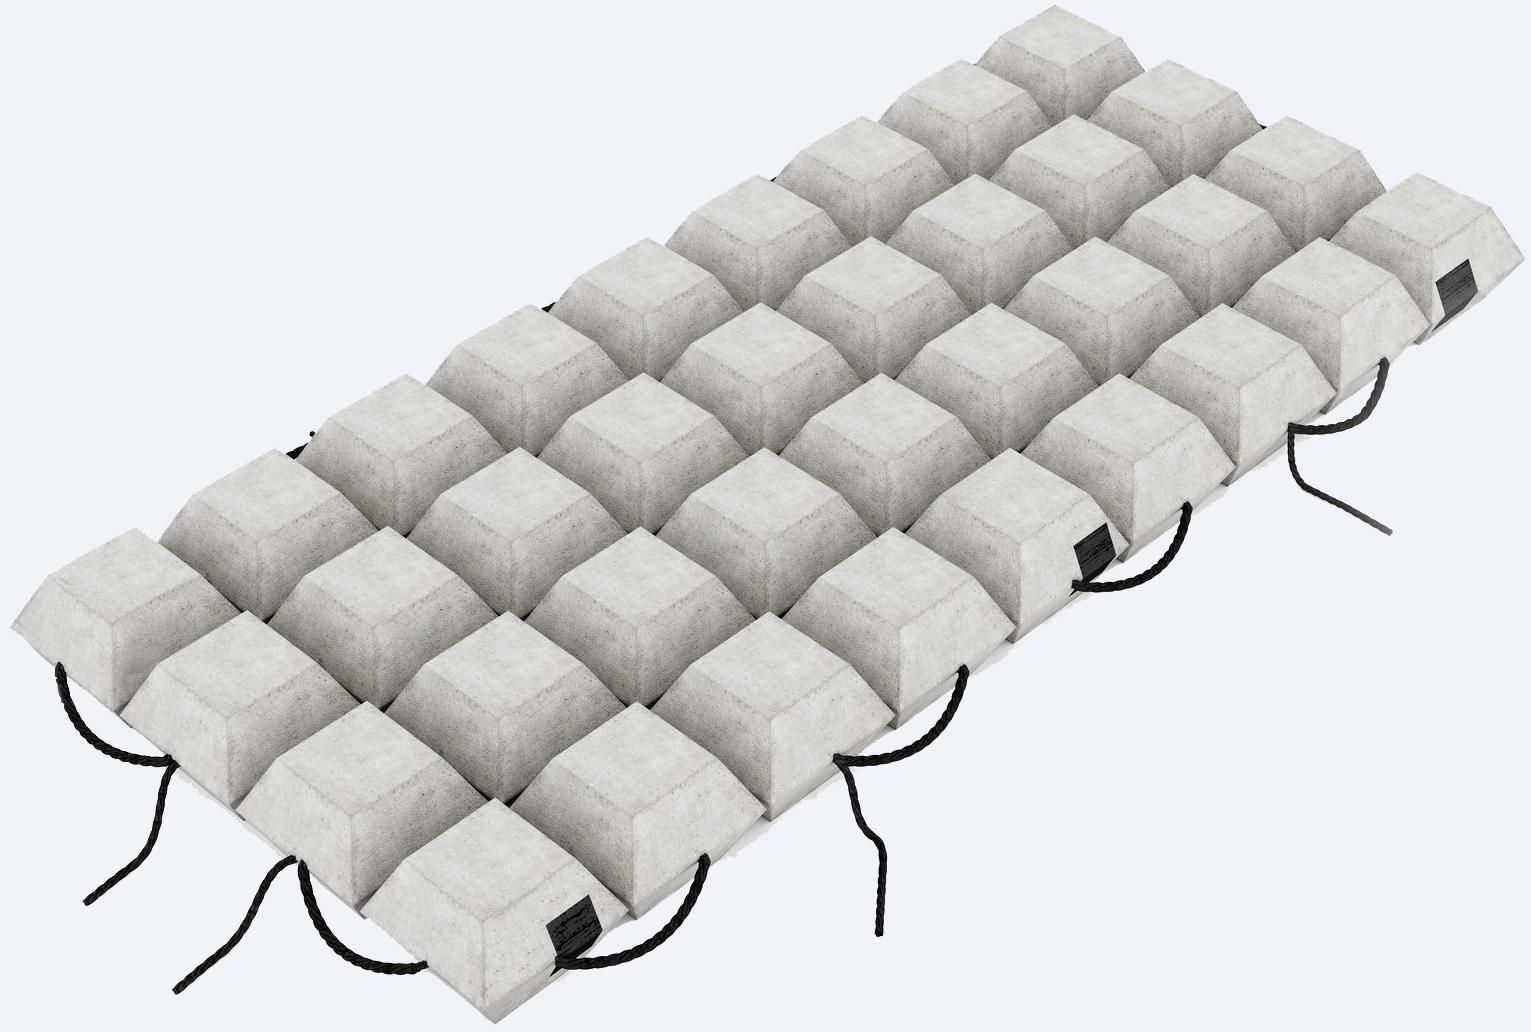 Гибкая бетонная плита ПБЗГУ-105